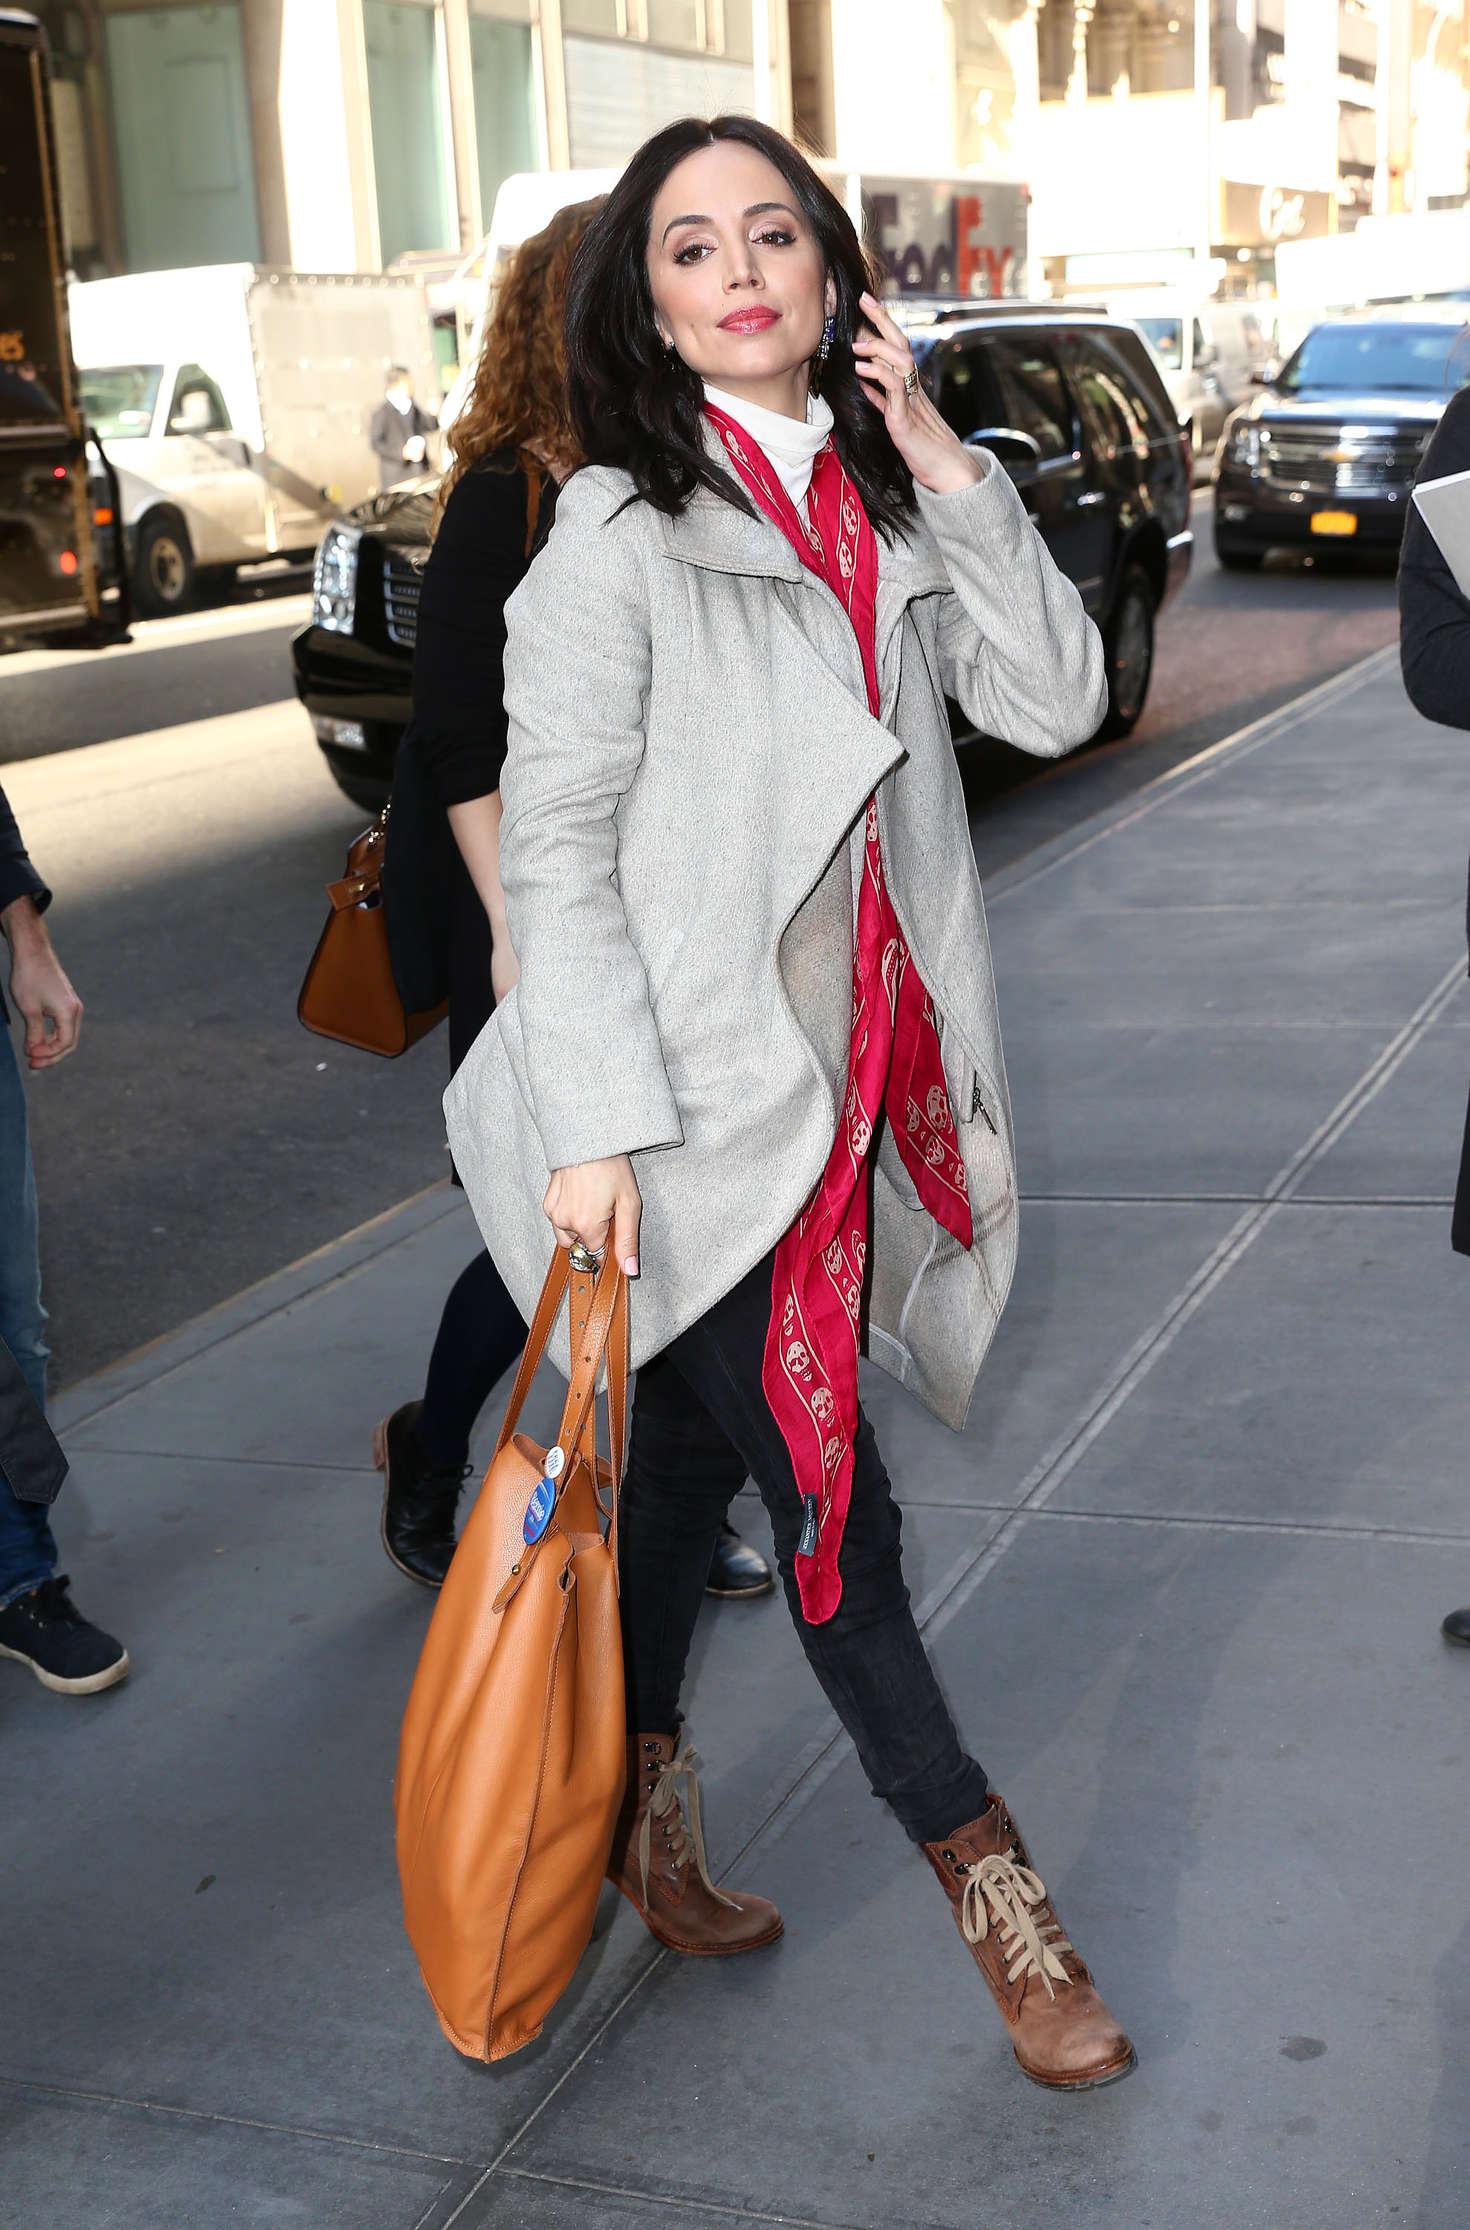 Eliza Dushku 2016 : Eliza Dushku in Tight Jeans -13